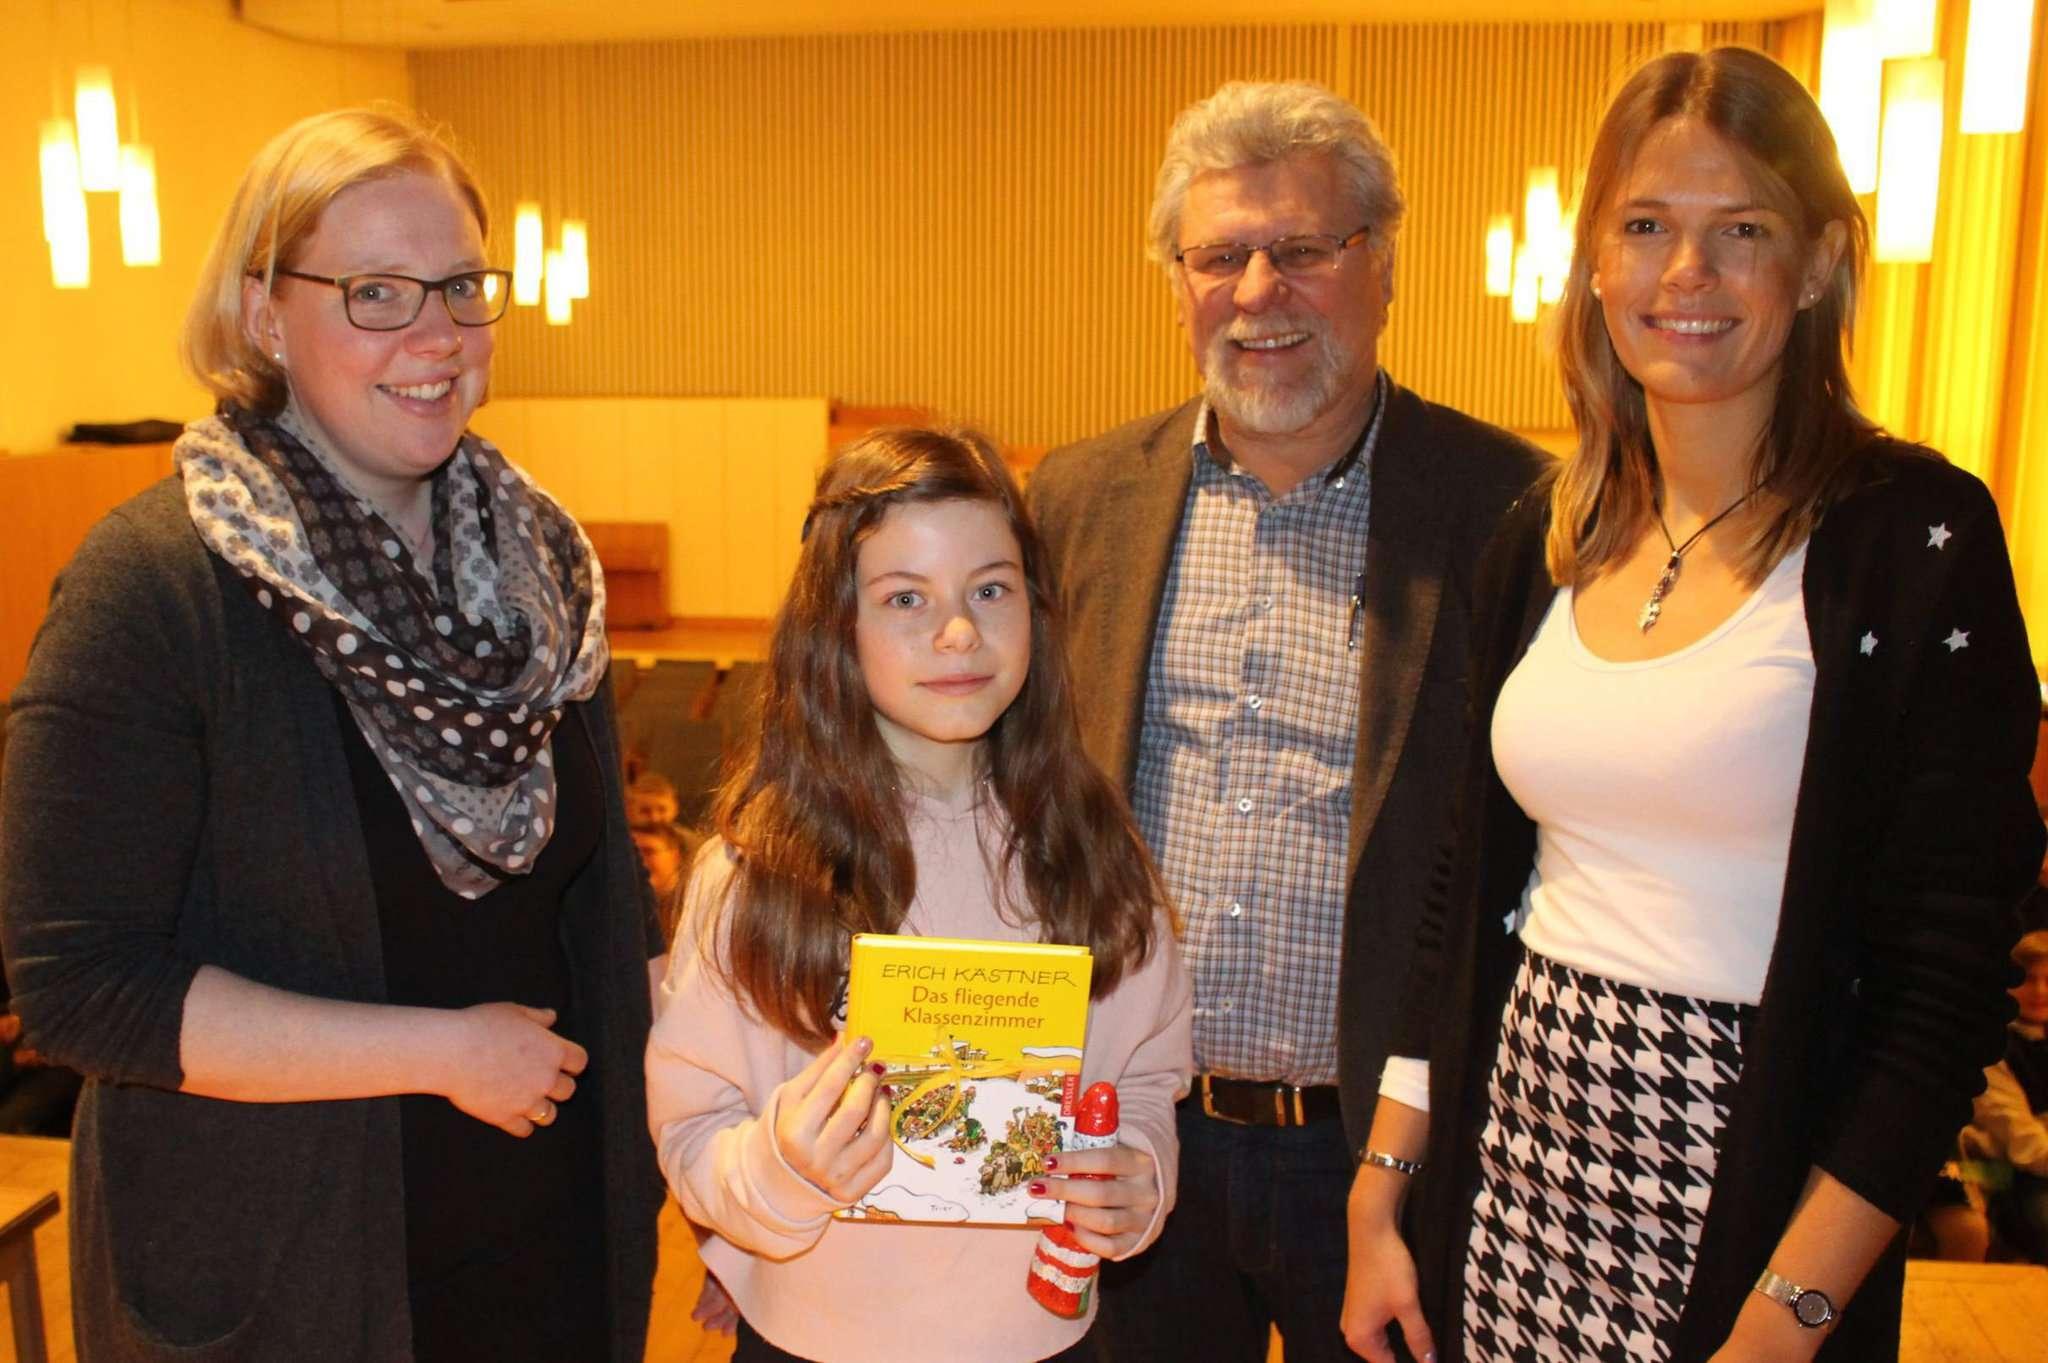 Franziska Diercks (links) sowie Janika Hogrefe (von rechts) und Schulleiter Gerard Dyck gratulierten der Siegerin Lina Michaelis. Foto: Henning Leeske